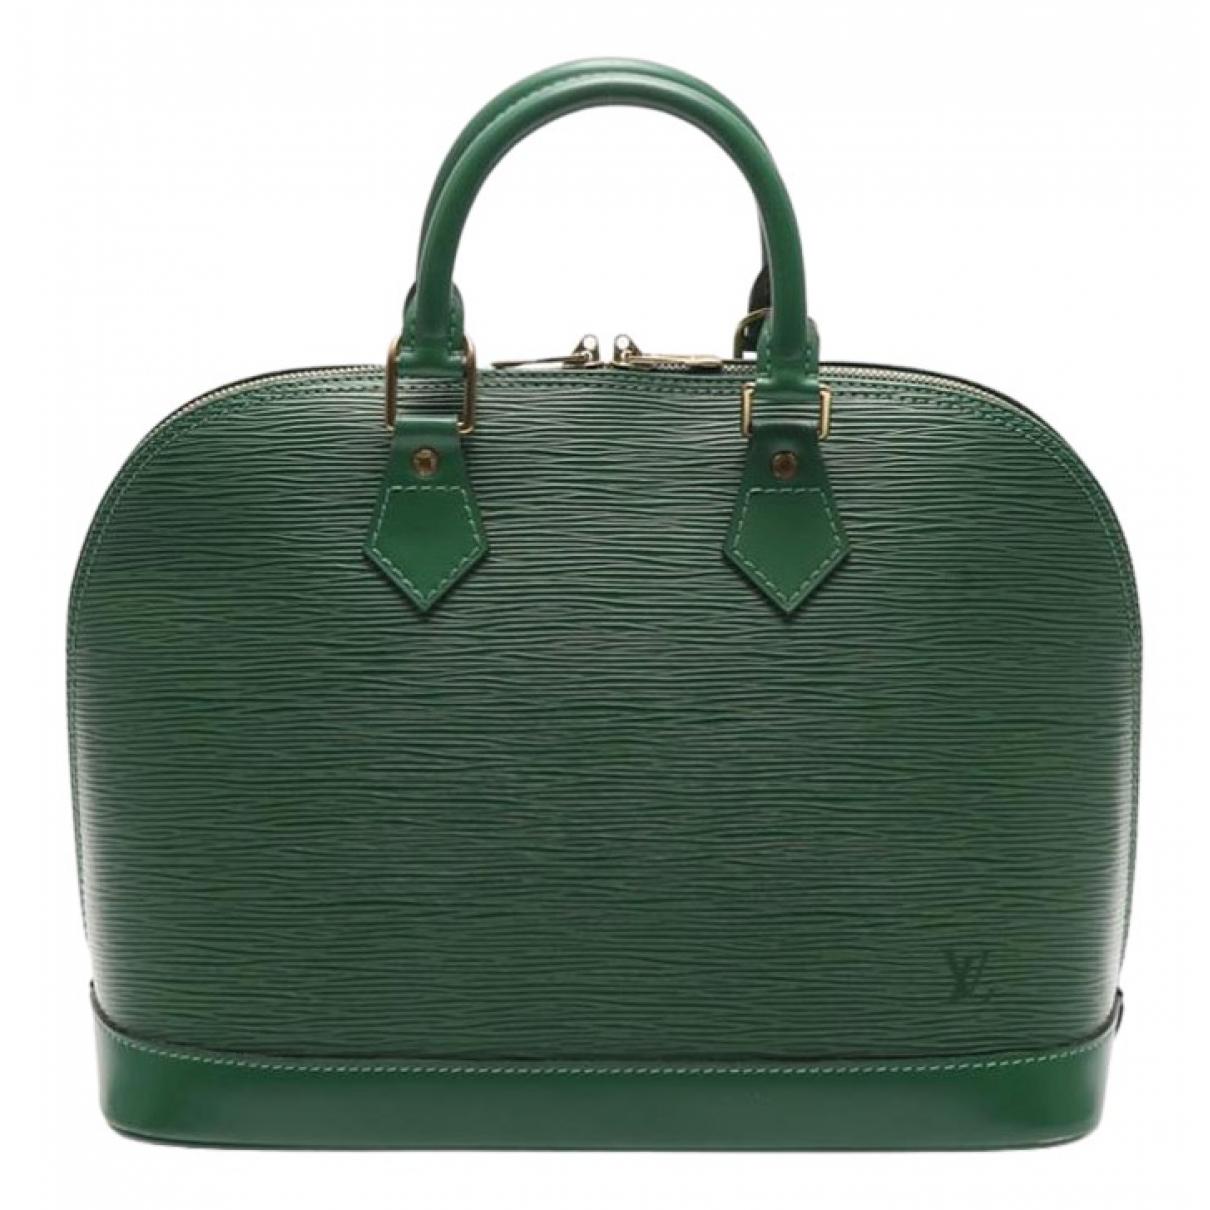 Louis Vuitton - Sac a main Alma pour femme en cuir - vert